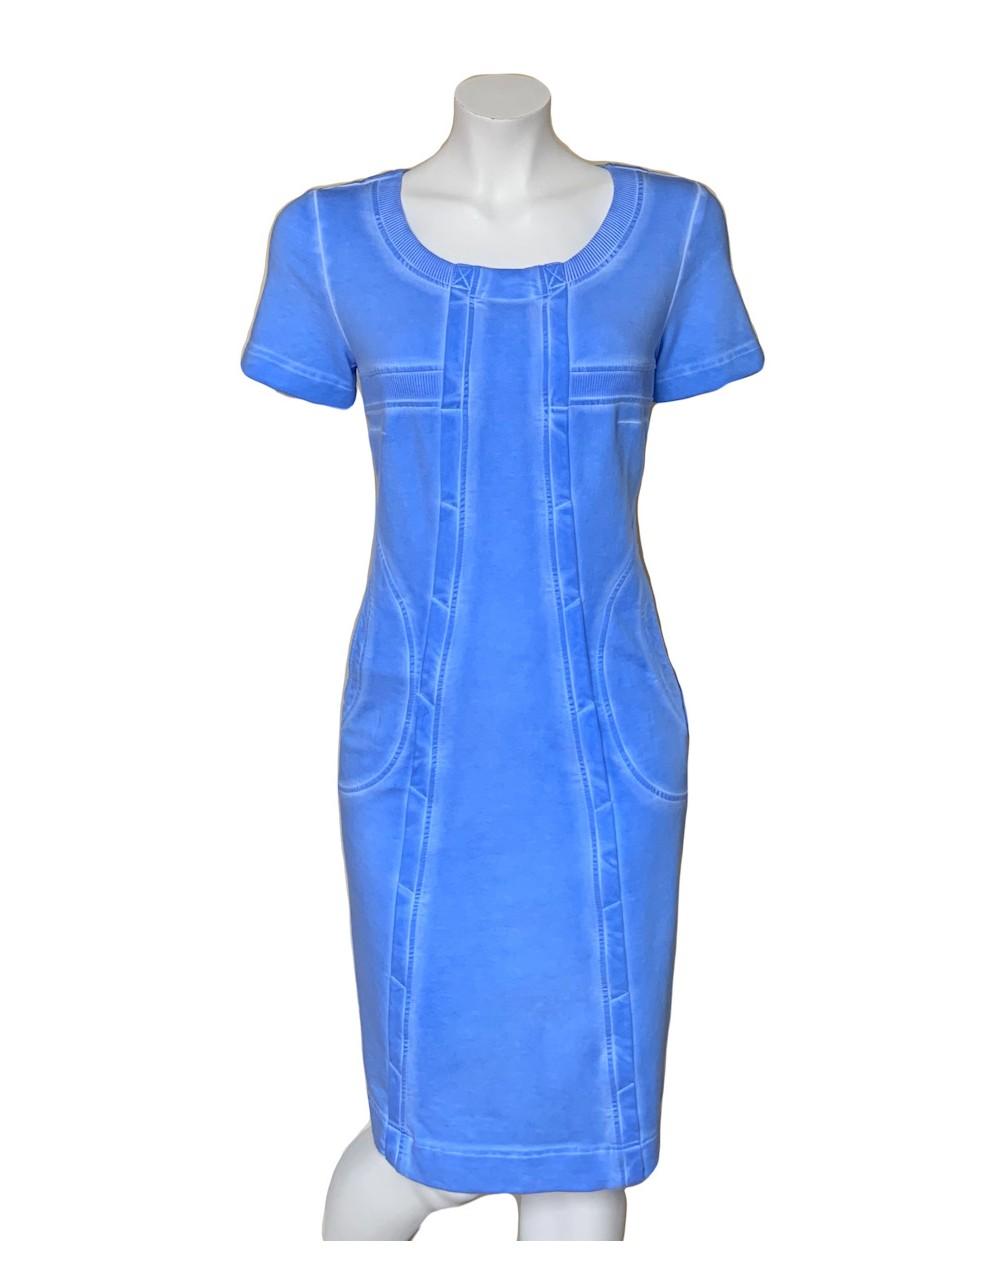 Sky Blue Short Sleeve Denim dress|Our Denim Outwear|Irish Handcrafts 1